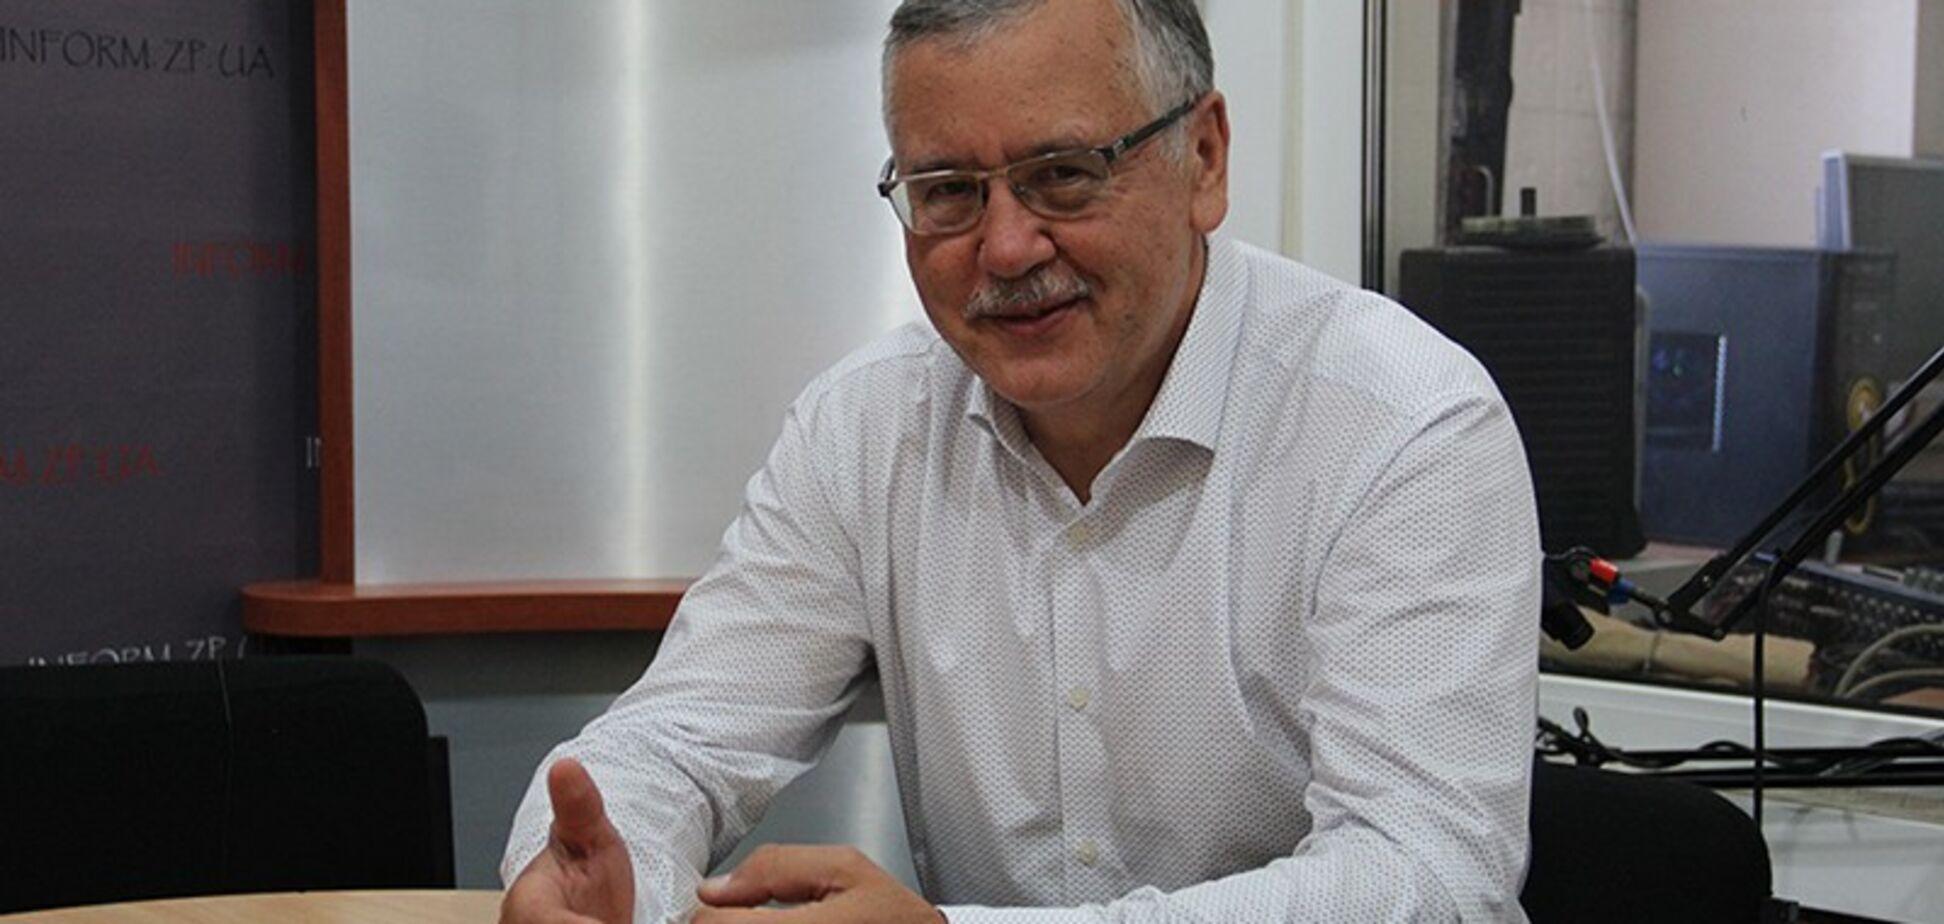 'Запрошую на риболовлю': Гриценко висловився про скандал із Комаровським